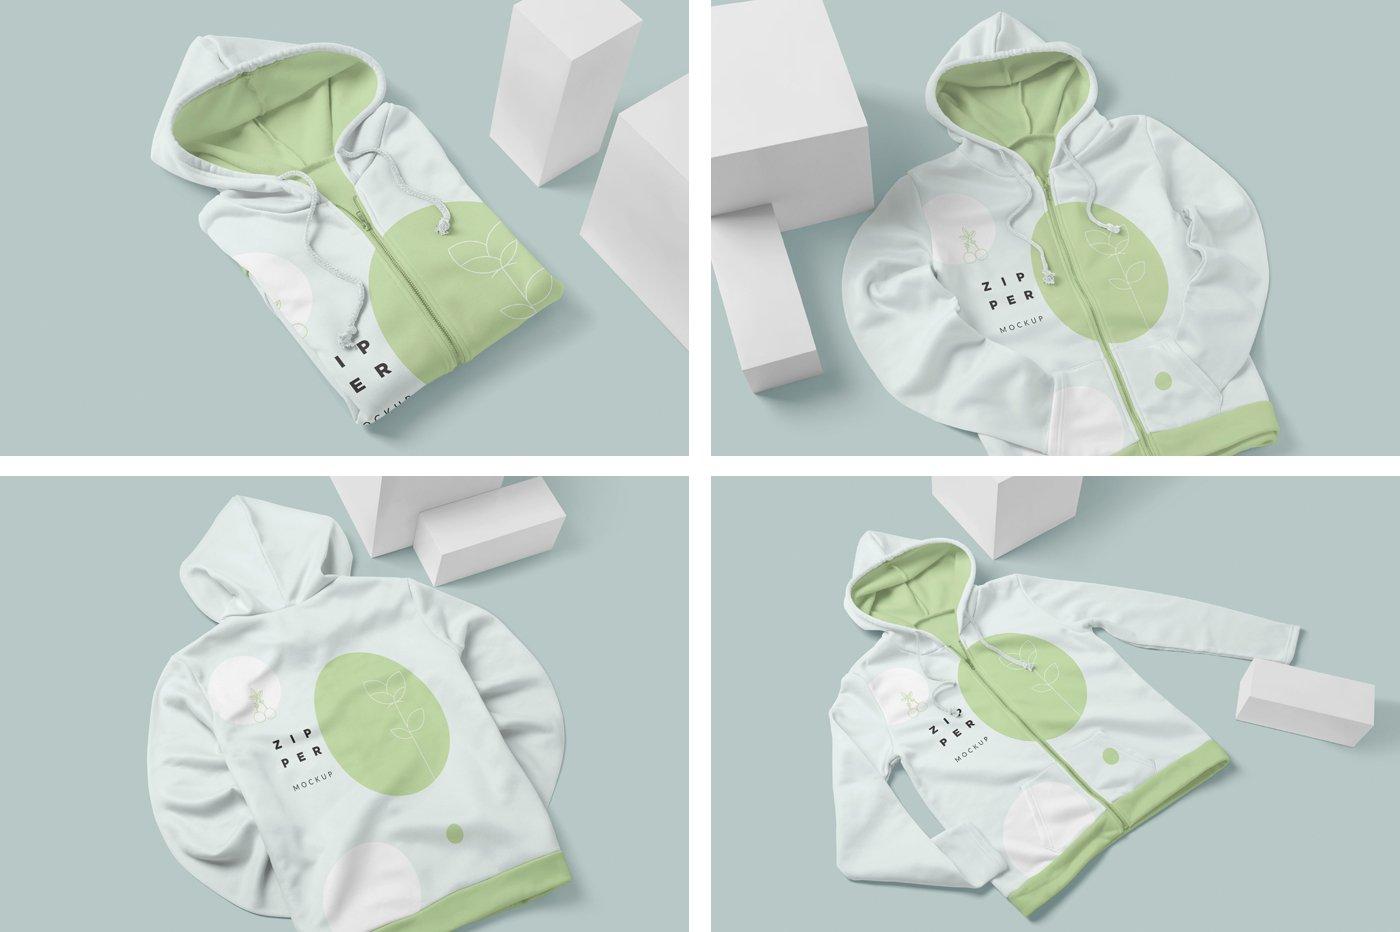 拉链连衣帽卫衣印花设计展示样机模板 Zipper Hoodie Mockup Templates插图(5)